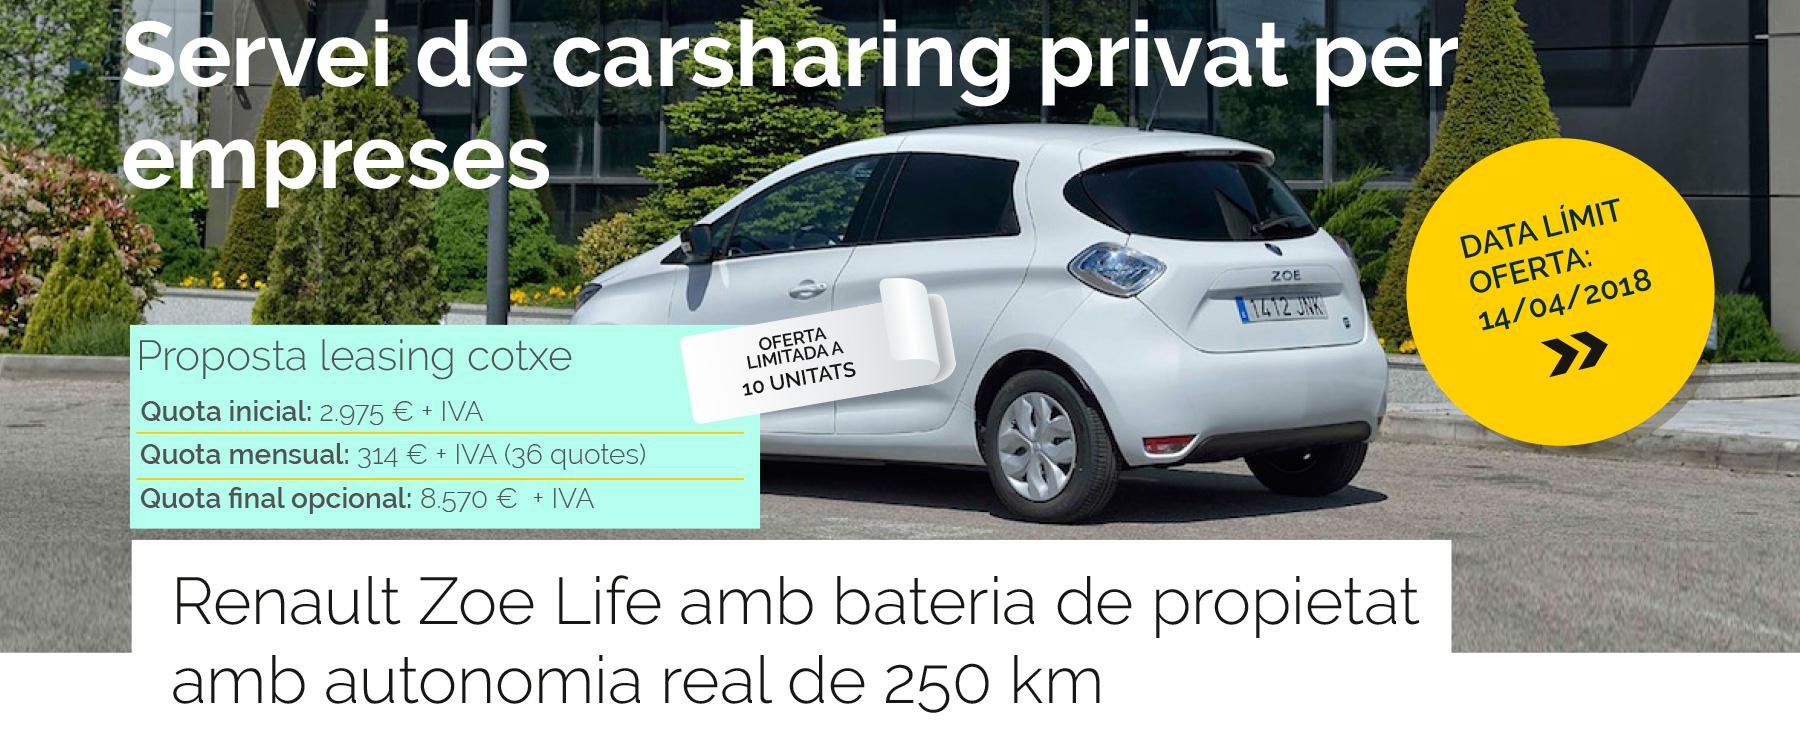 Portada servei de carsharing privat per empreses